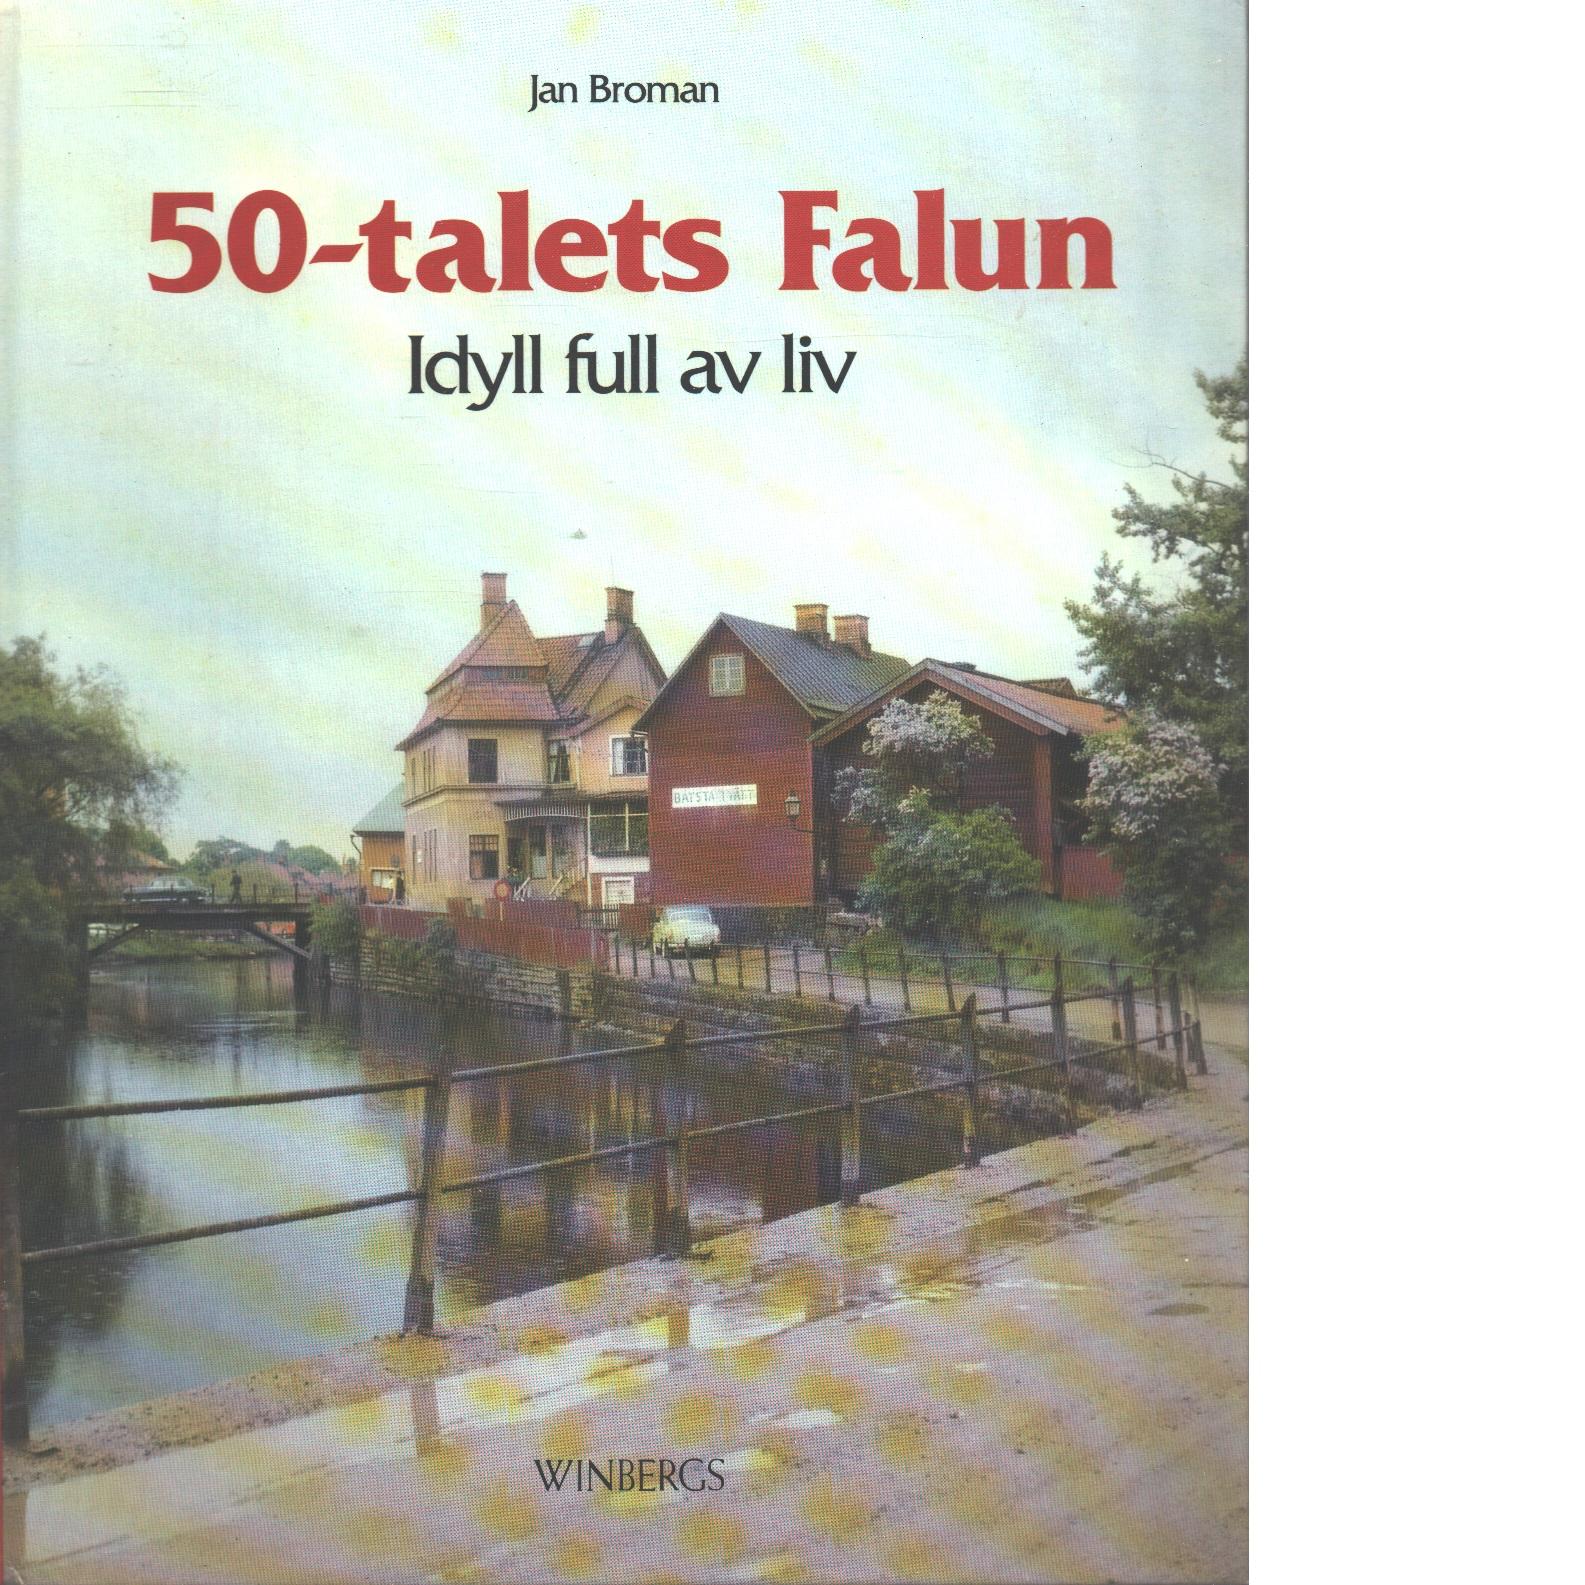 50-talets Falun Idyll full av liv - Broman, Jan